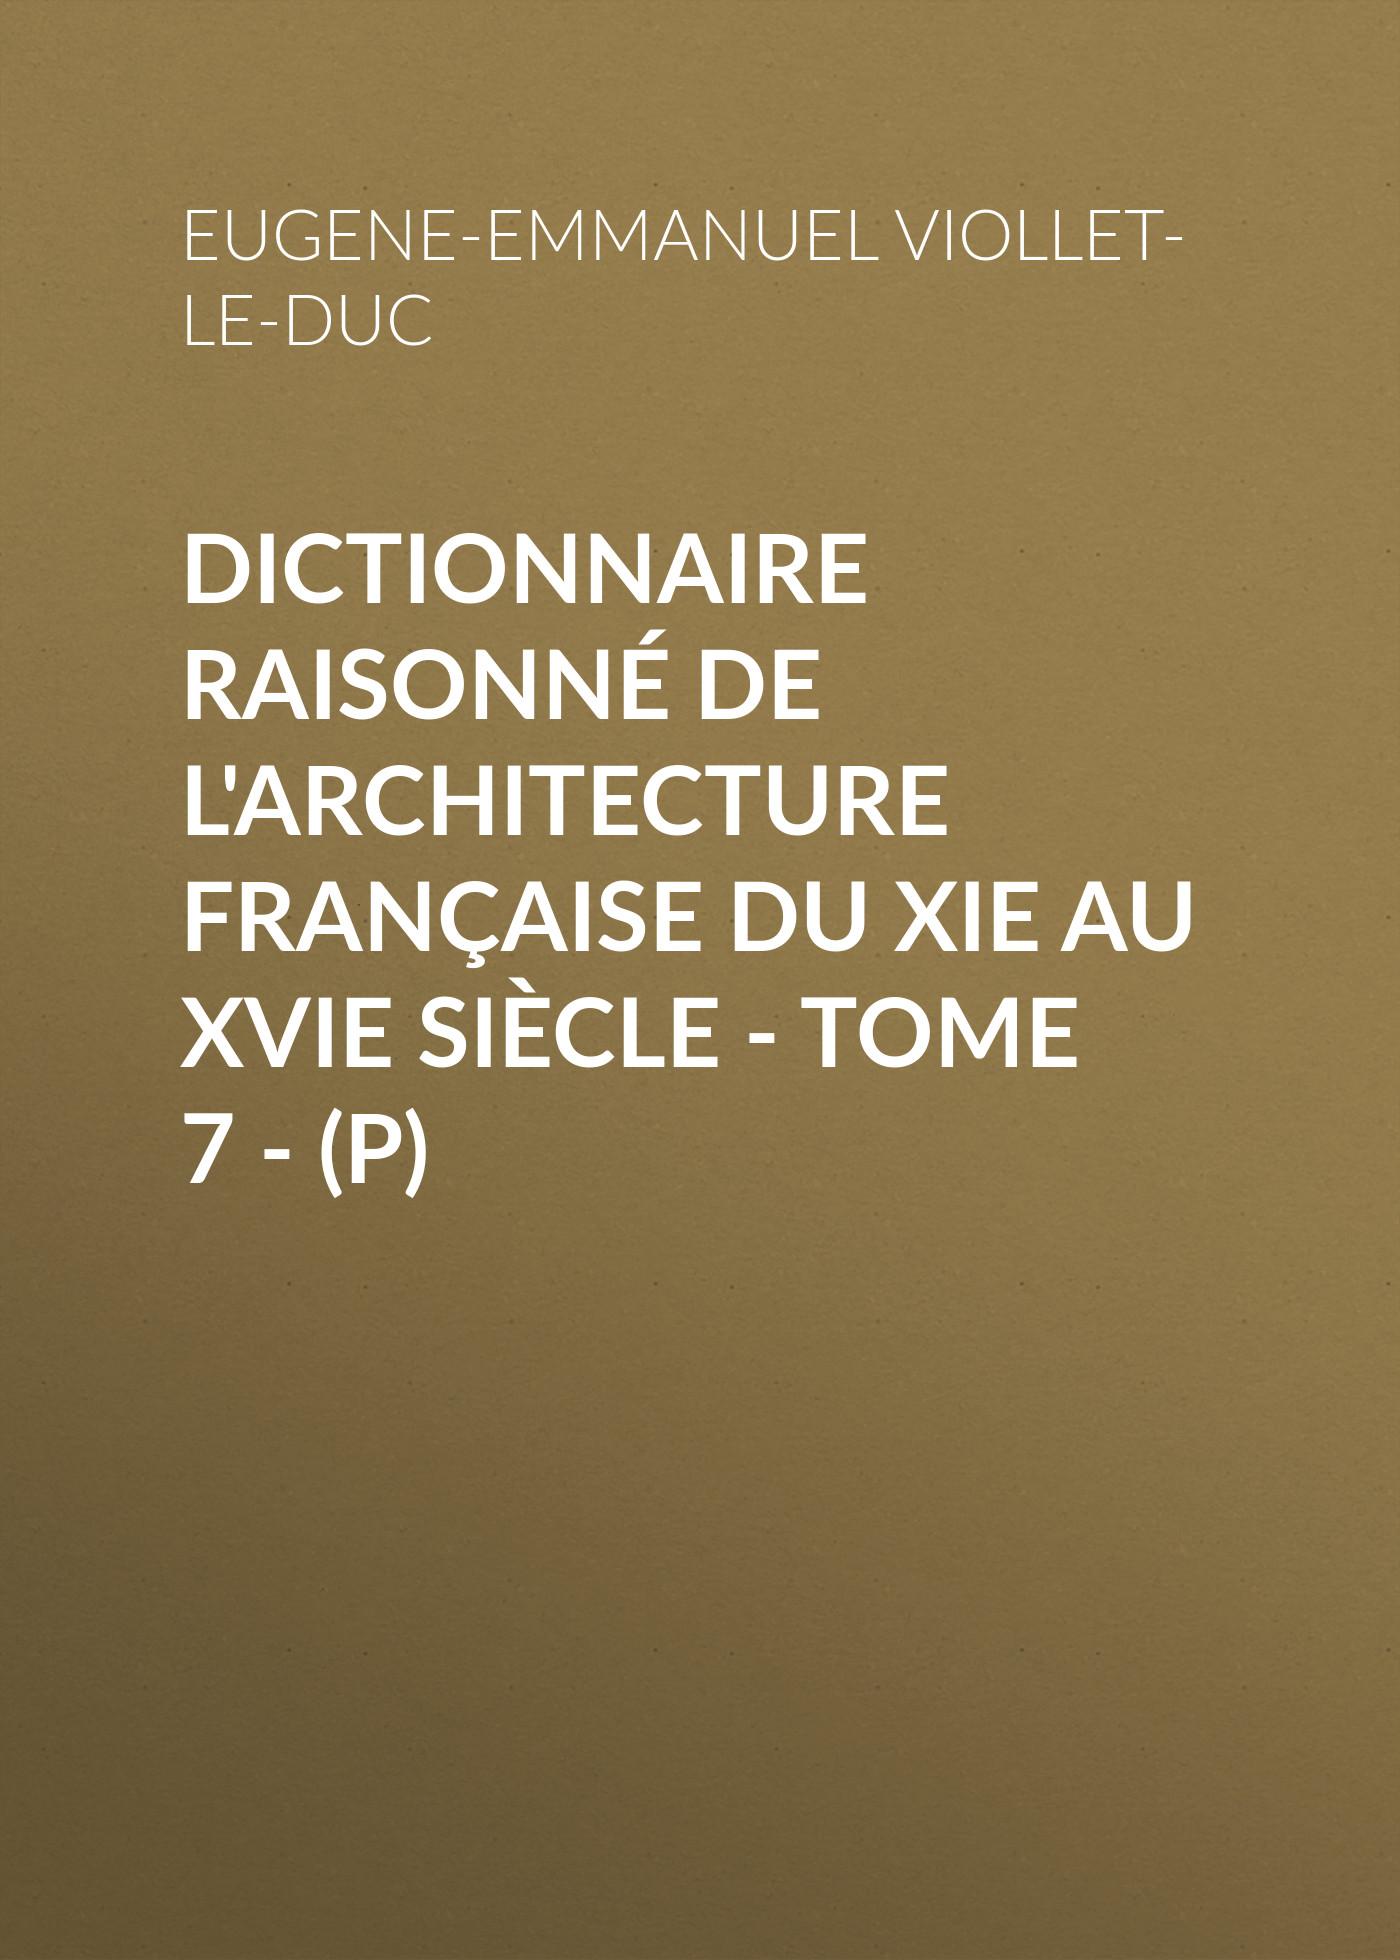 Dictionnaire raisonné de l\'architecture française du XIe au XVIe siècle - Tome 7 - (P) ( Eugene-Emmanuel Viollet-le-Duc  )